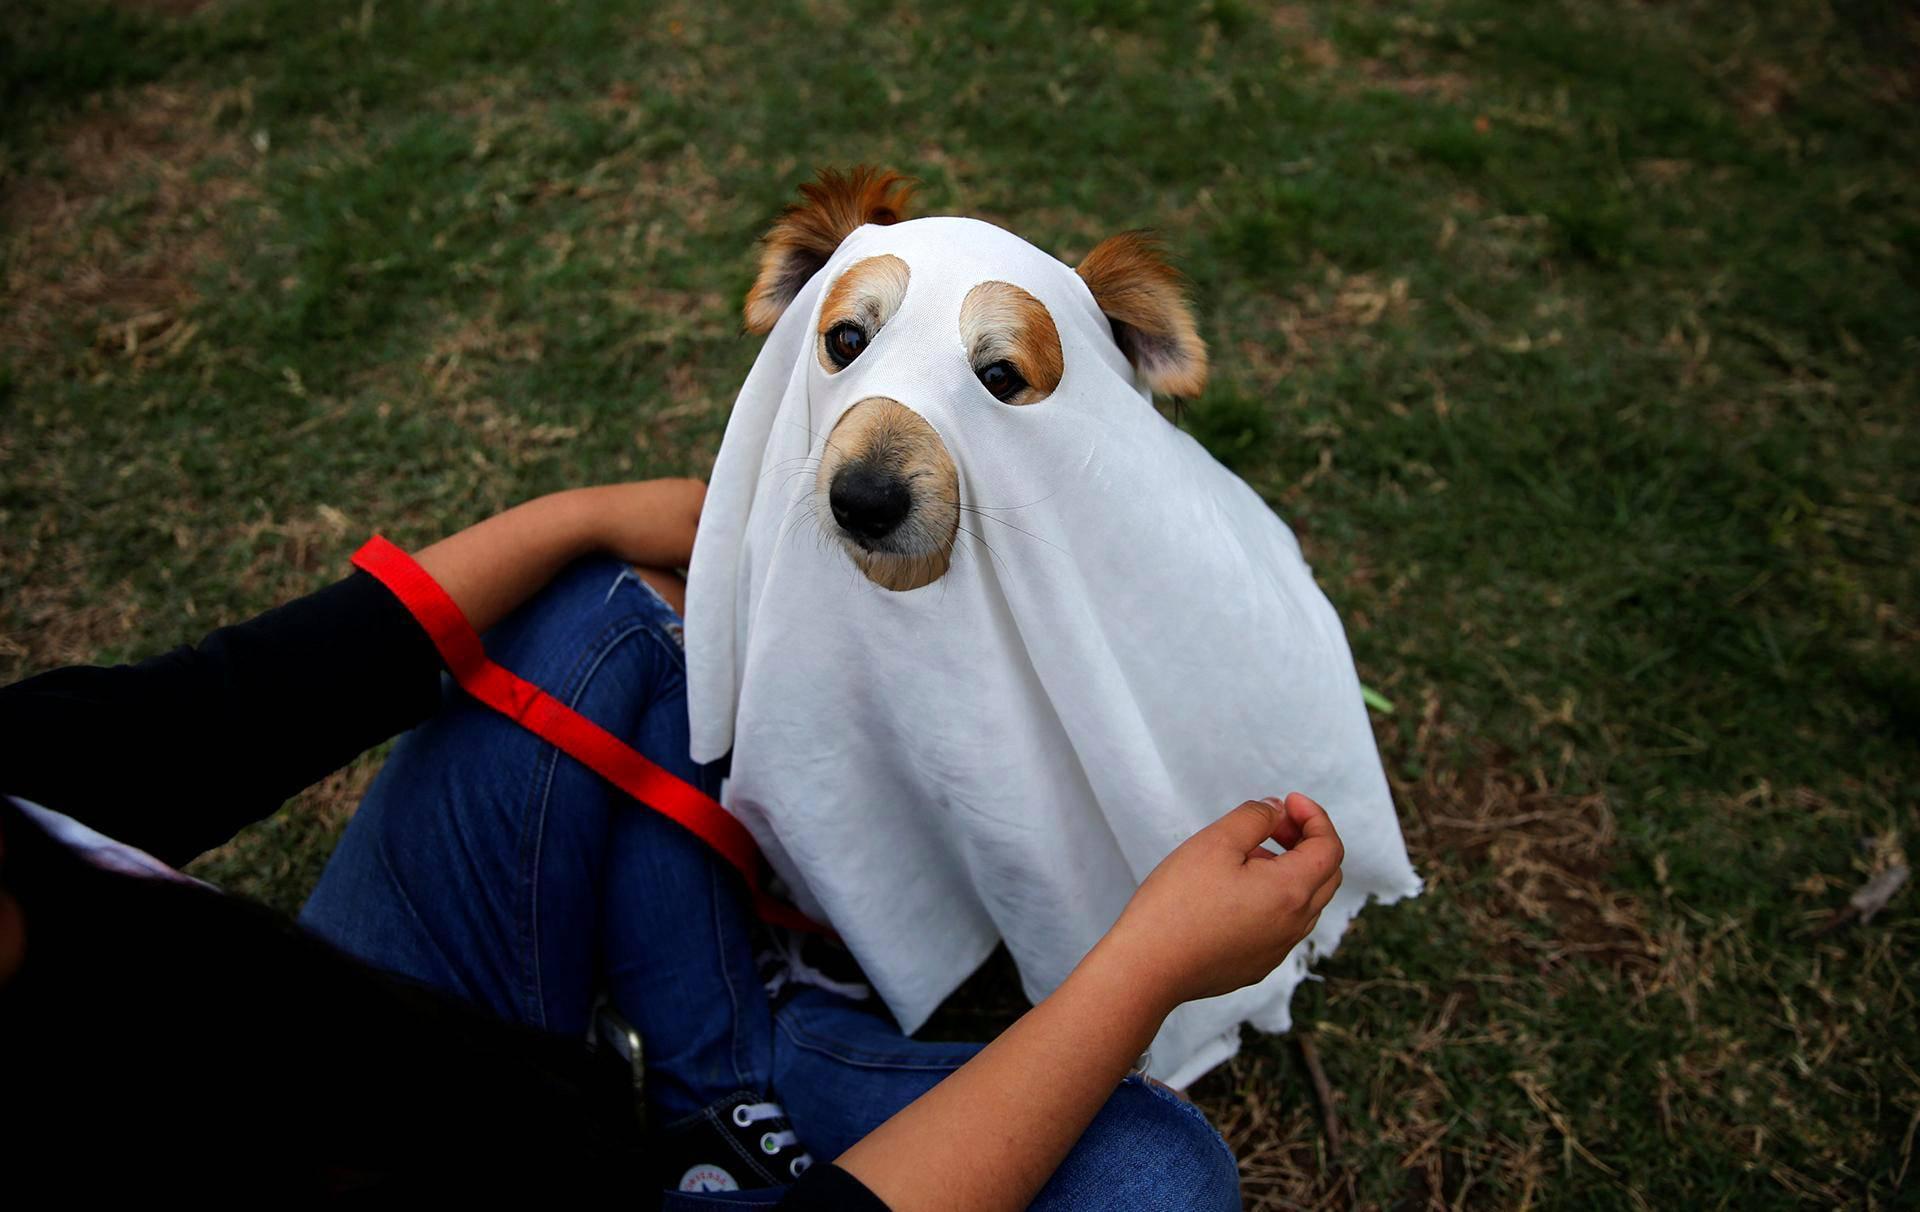 Koira puettiin kummitukseksi Perun pääkaupungissa Limassa.